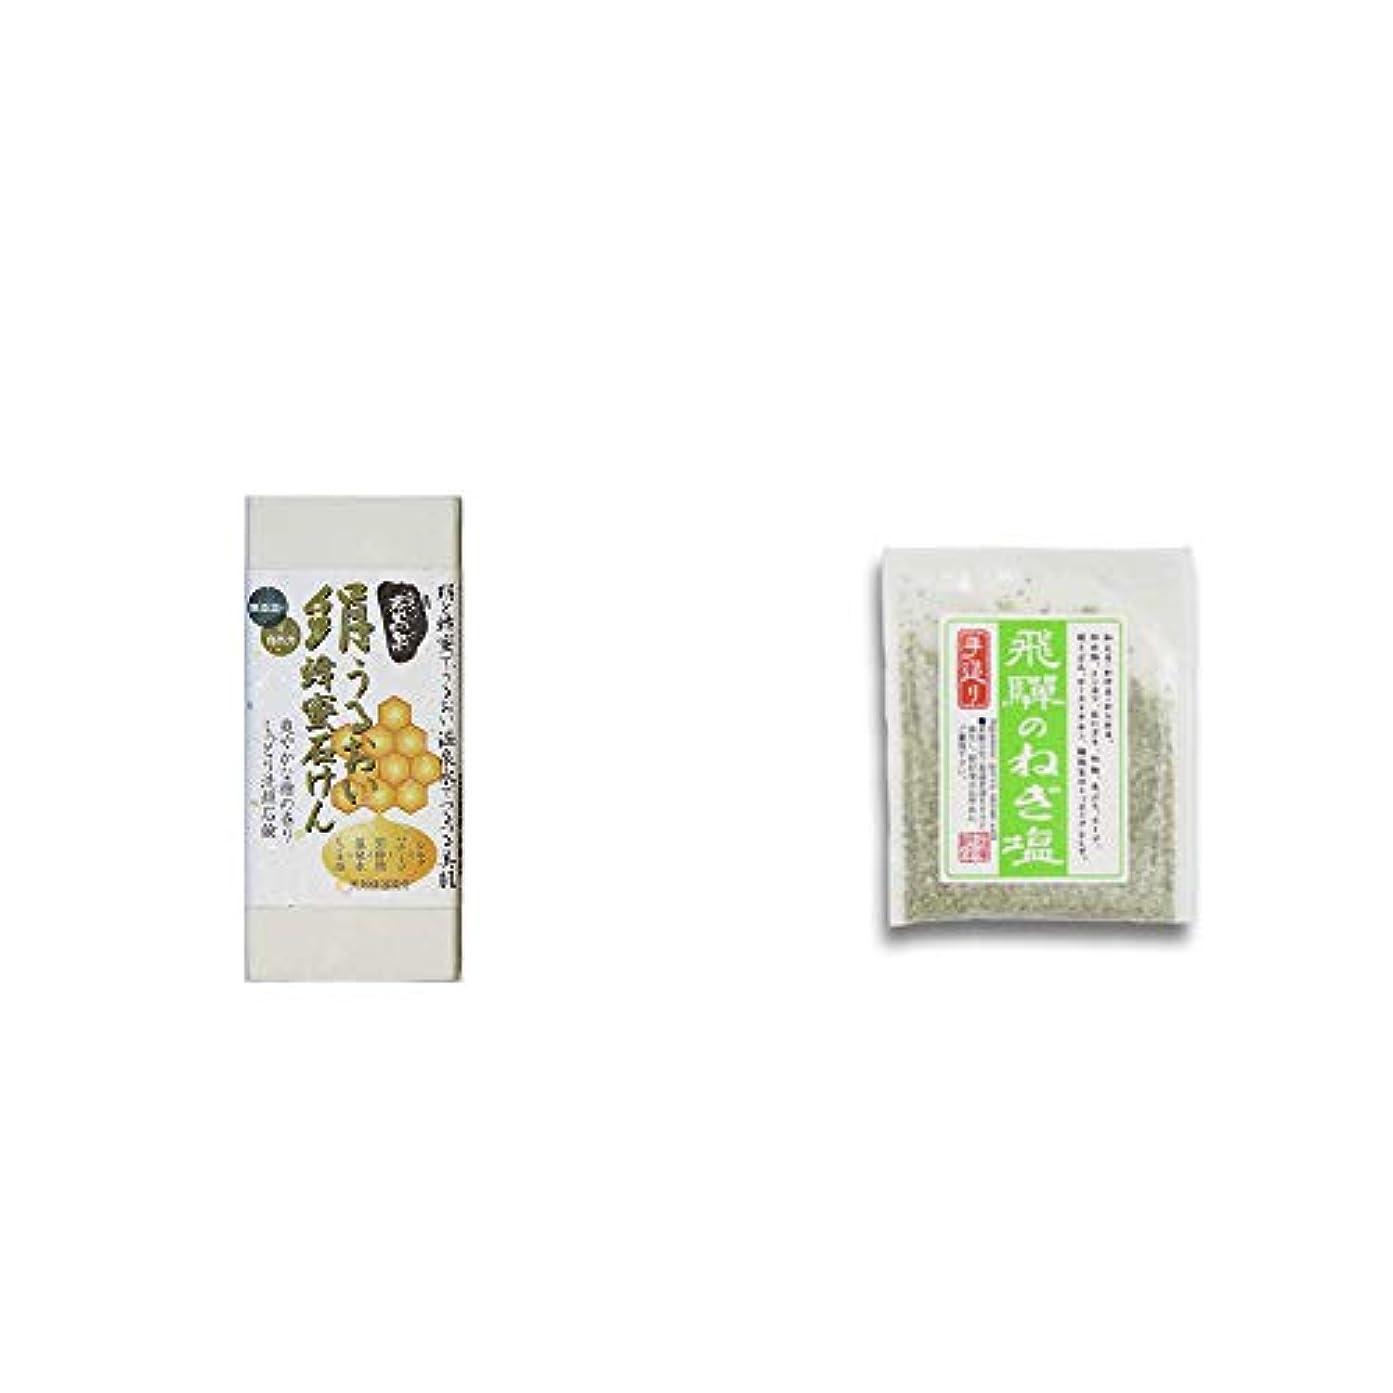 有効化工業化する農業[2点セット] ひのき炭黒泉 絹うるおい蜂蜜石けん(75g×2)?手造り 飛騨のねぎ塩(40g)